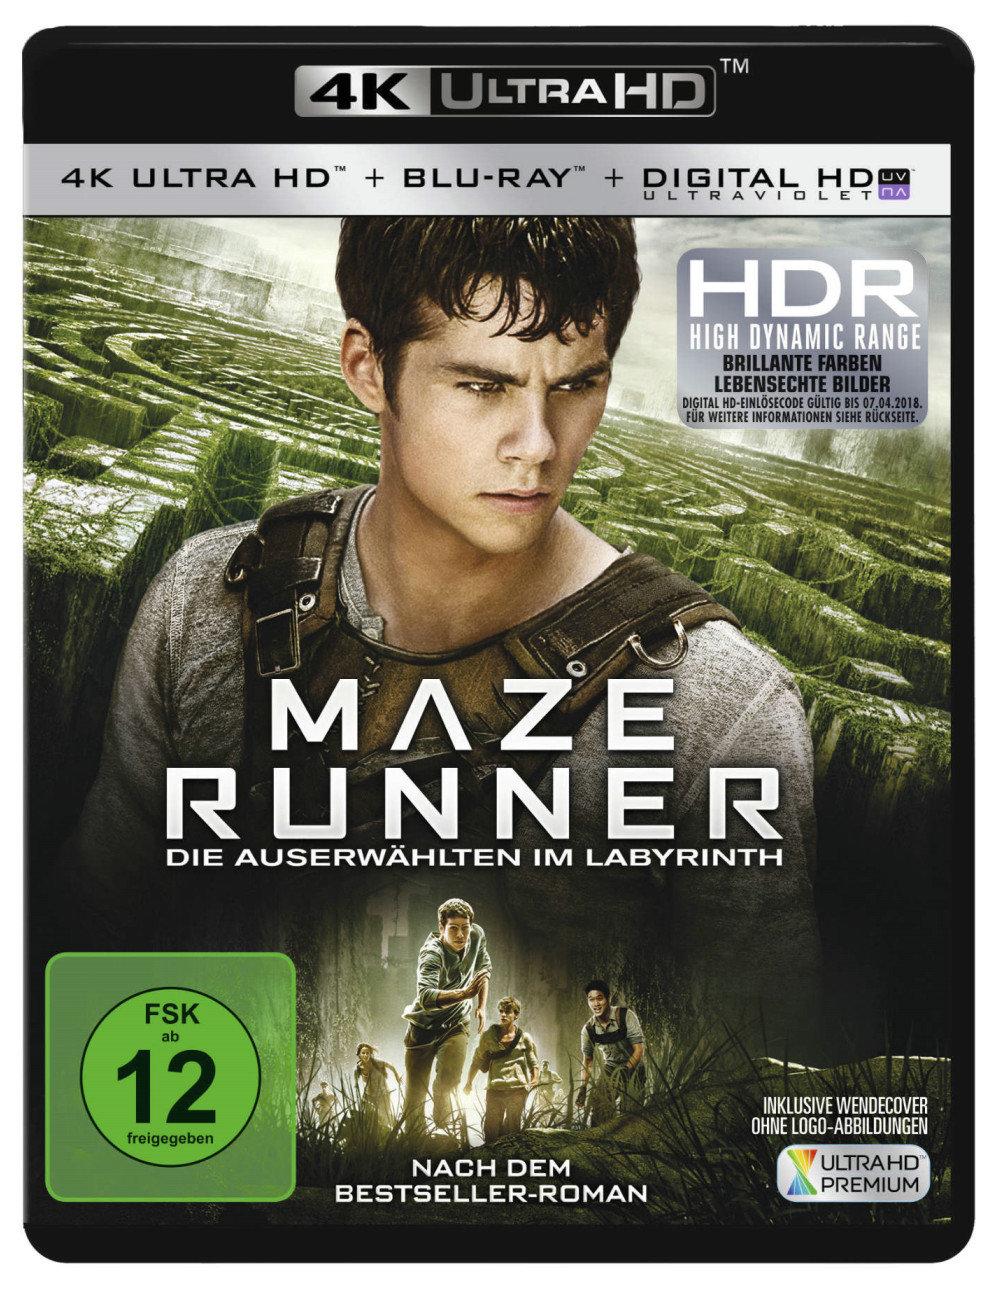 Maze Runner 4K (2014) - Die Auserwählten im Labyrinth (4K Ultra HD & Blu-ray)